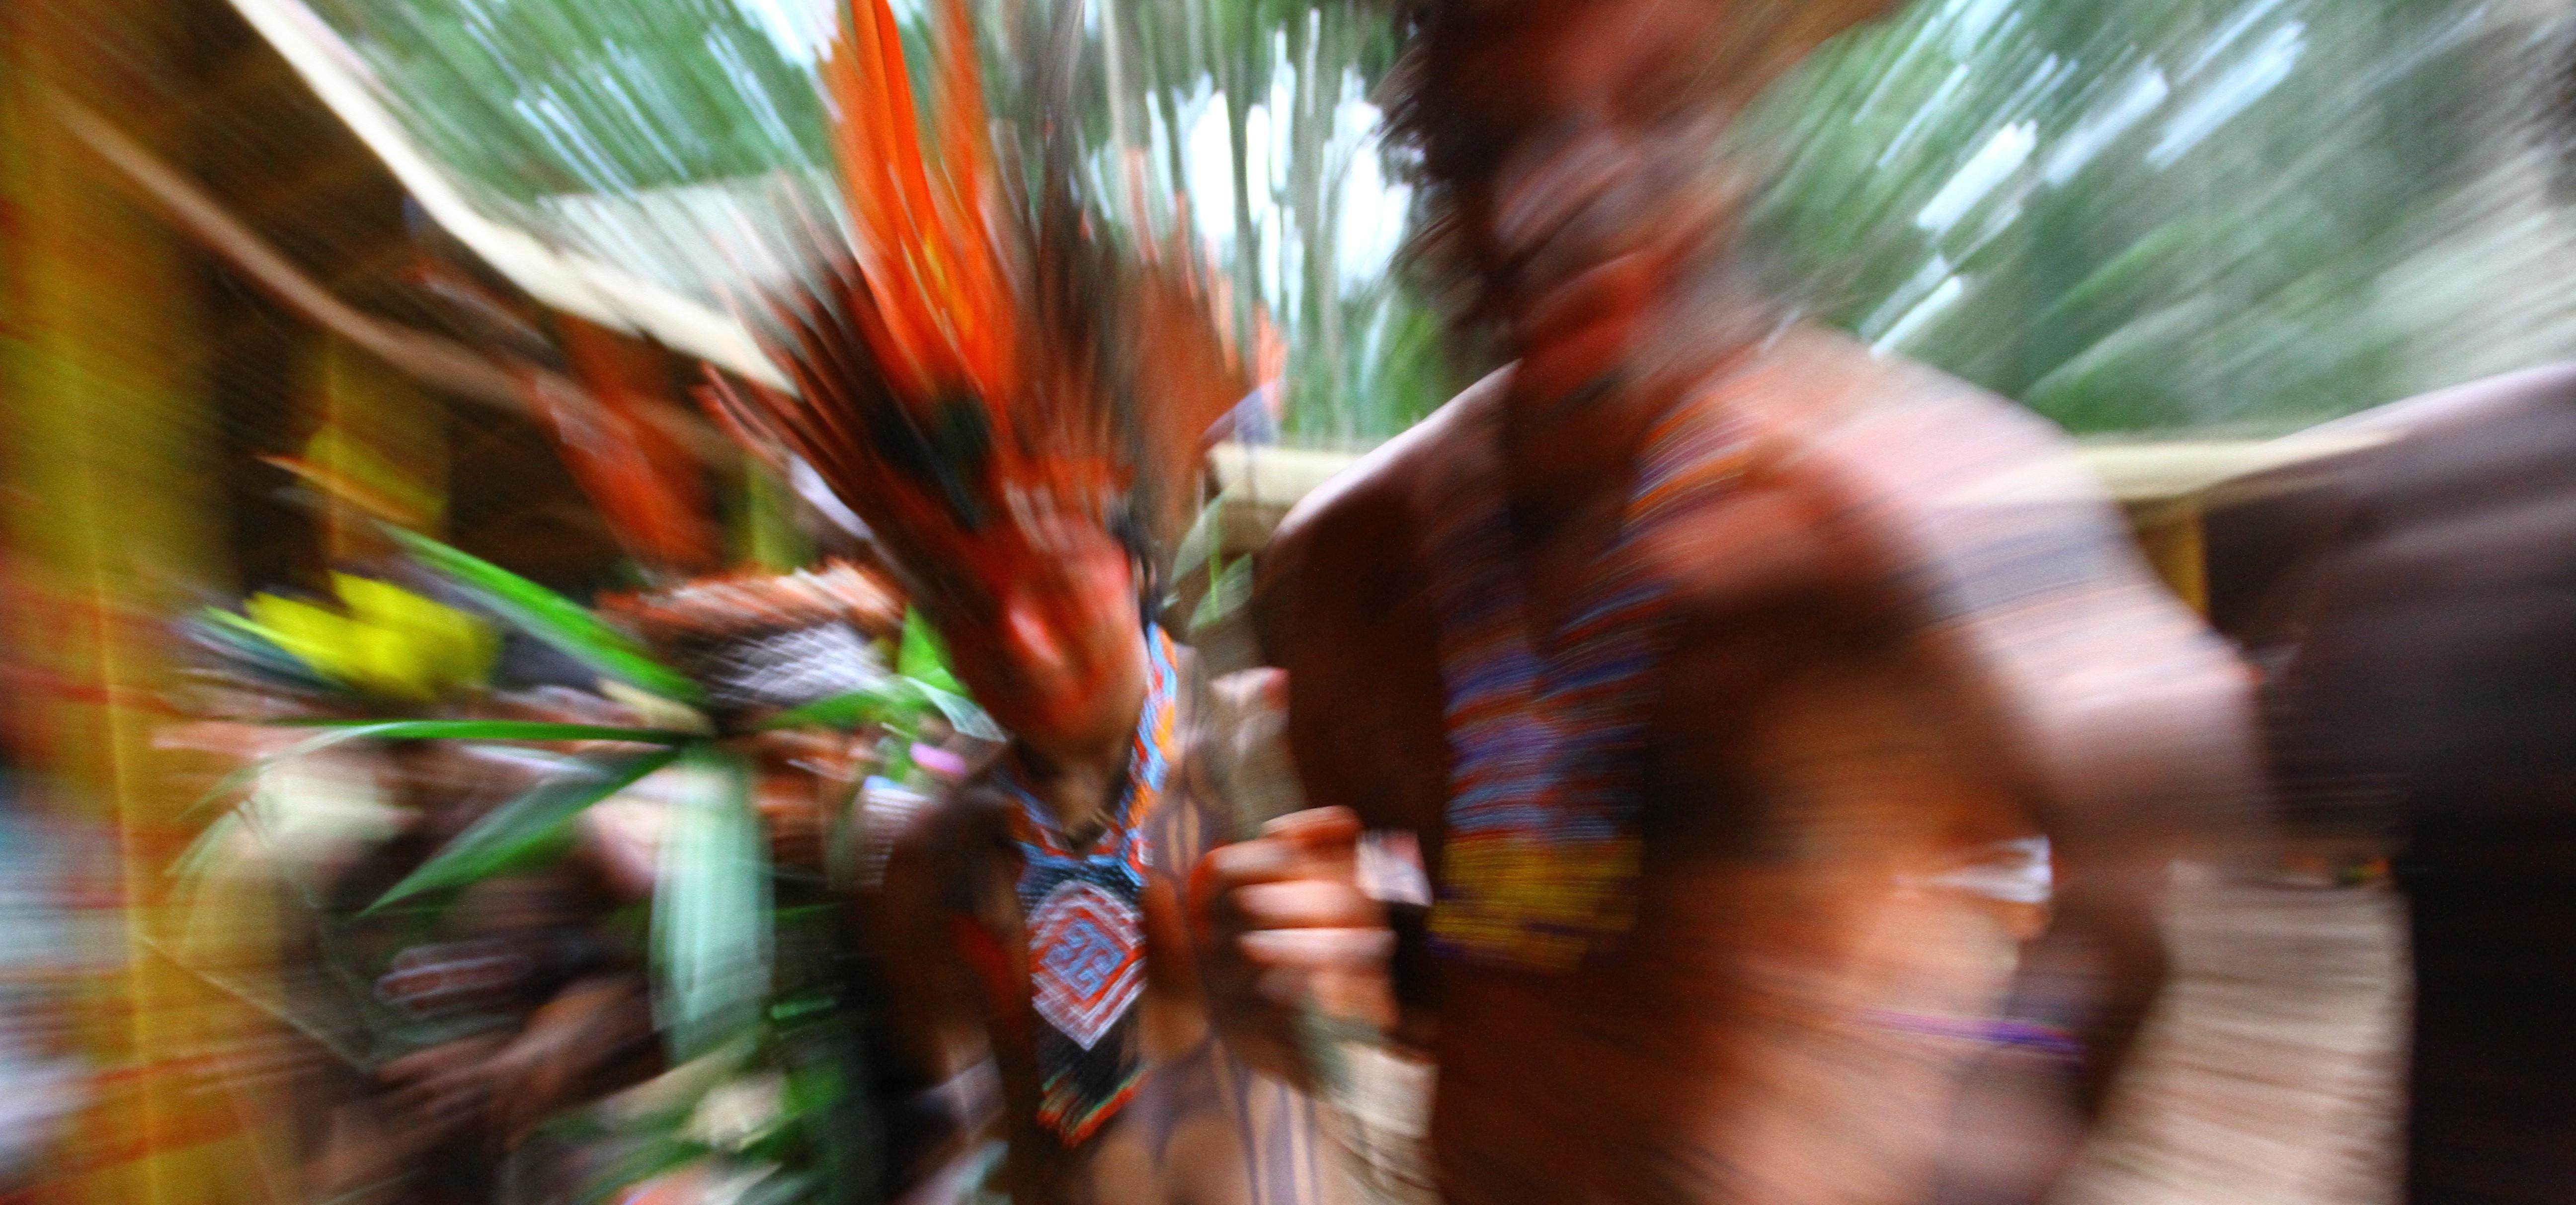 Mobilização Nacional Indígena divulga nota de repúdio ao PL que regulamenta mineração e empreendimentos em terras indígenas